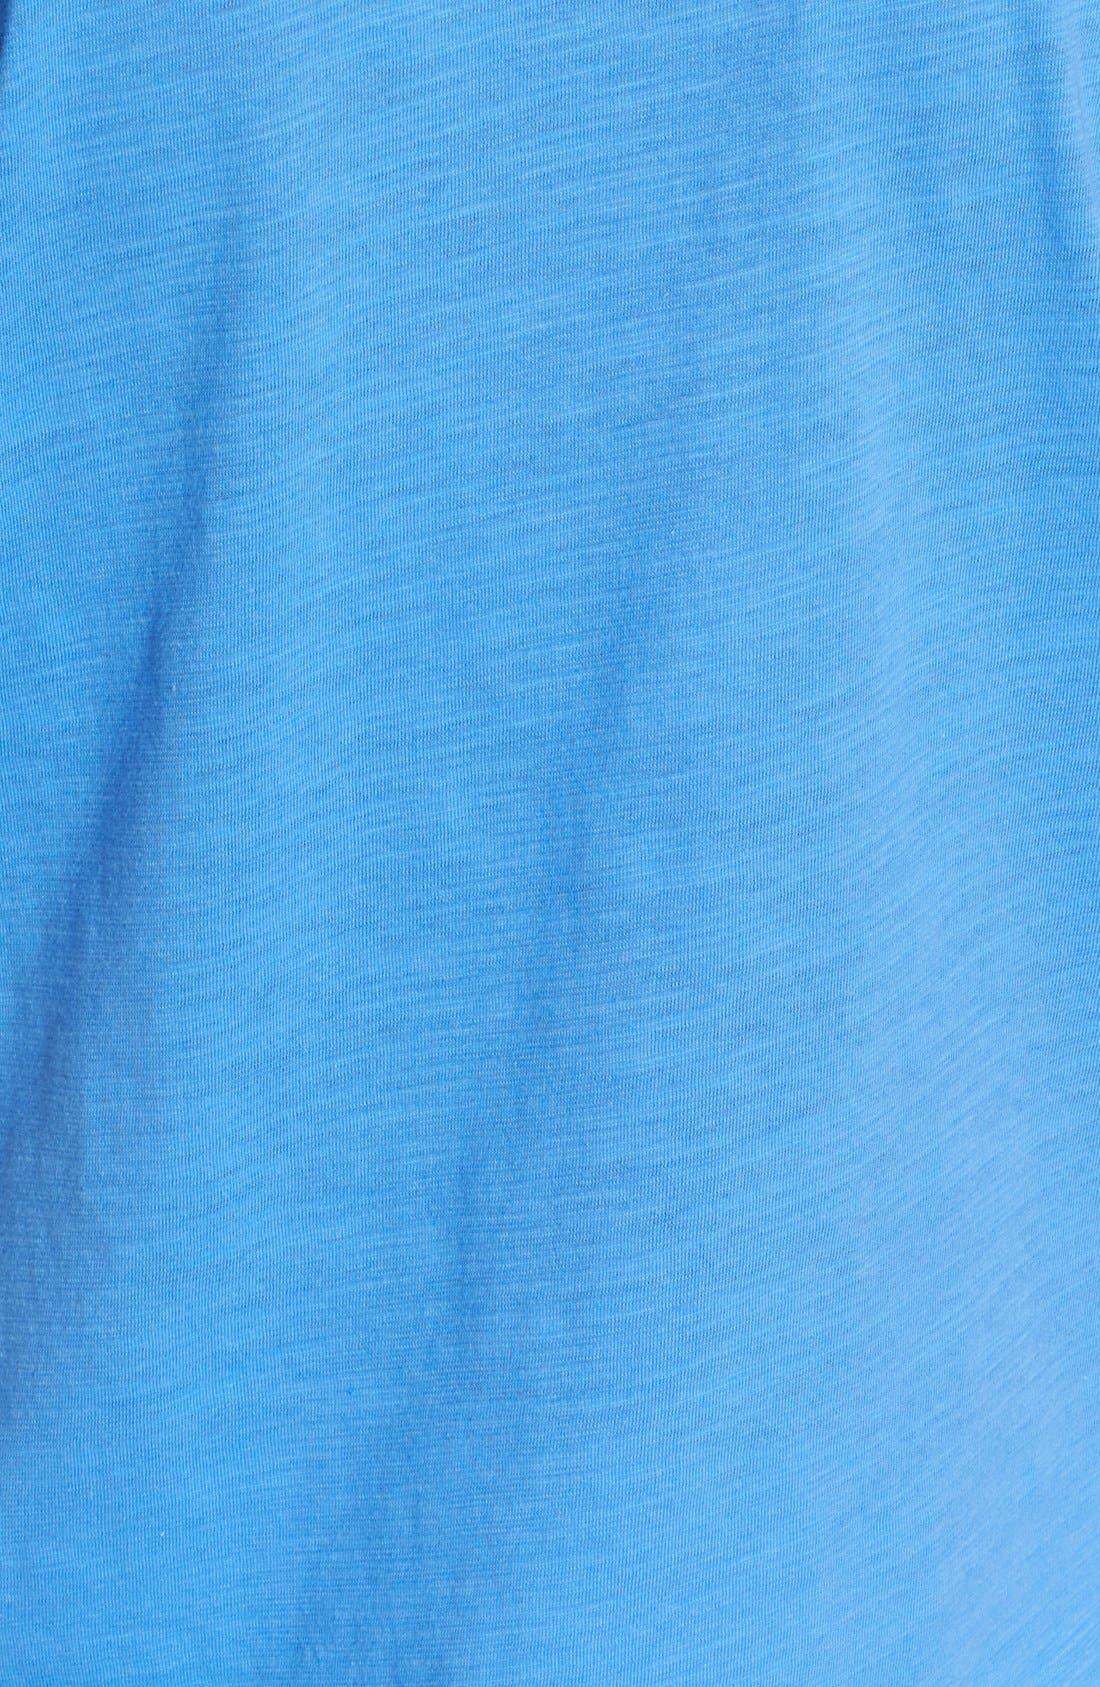 Alternate Image 3  - MICHAEL Michael Kors Studded Slubbed Cotton Tee